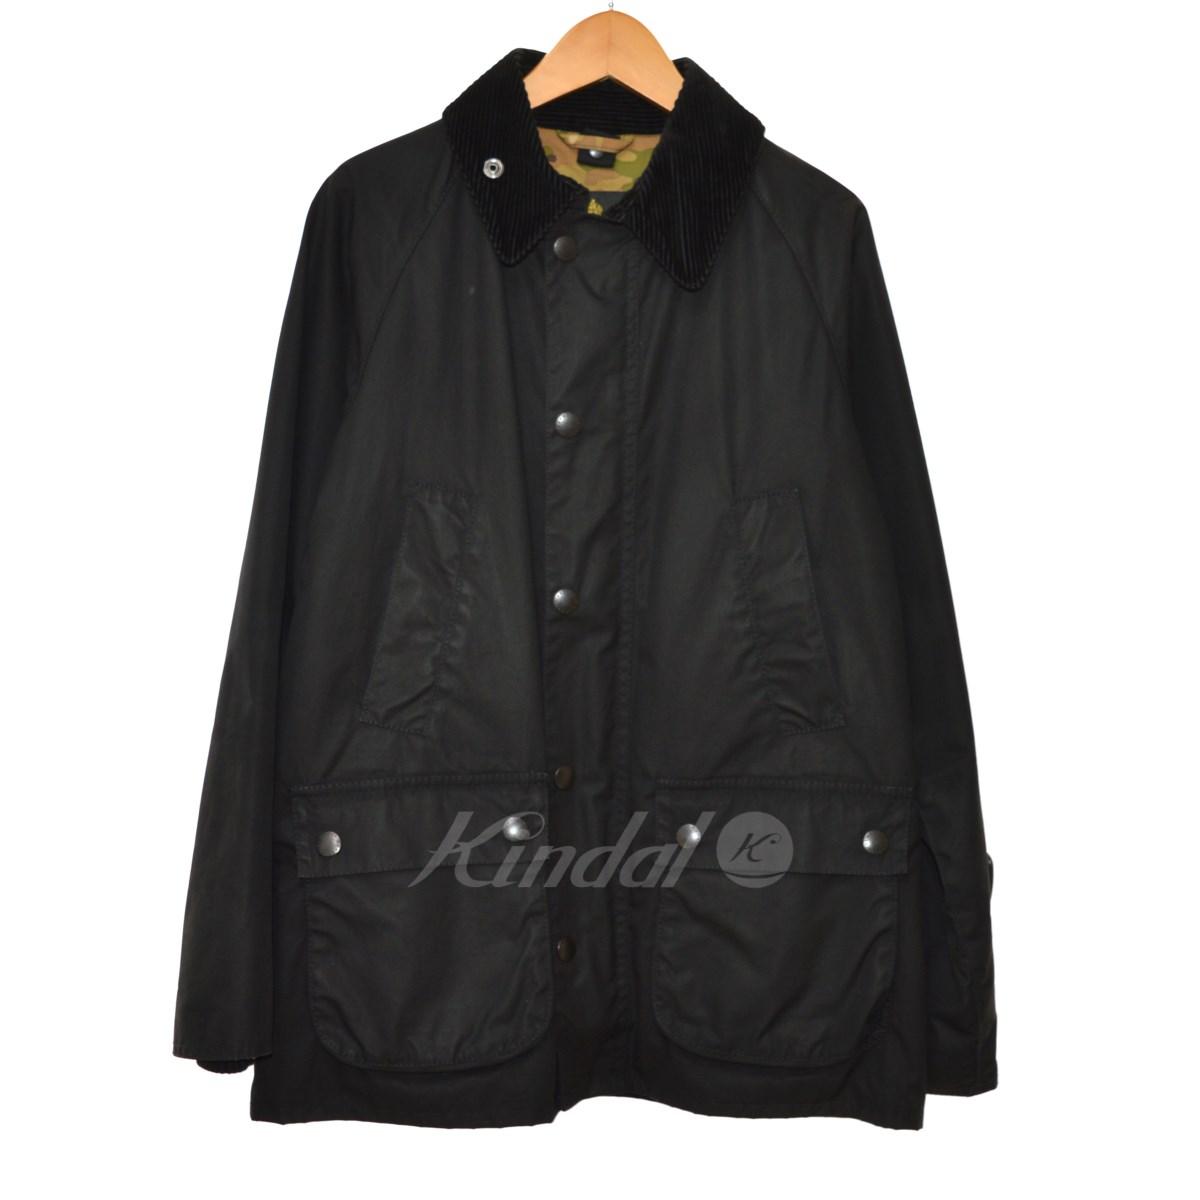 【中古】Barbour×SOPH 14AW SLIM-FIT BEDALE オイルドコットンビデイルジャケット ブラック サイズ:34 【送料無料】 【011118】(バーブァー×ソフ)